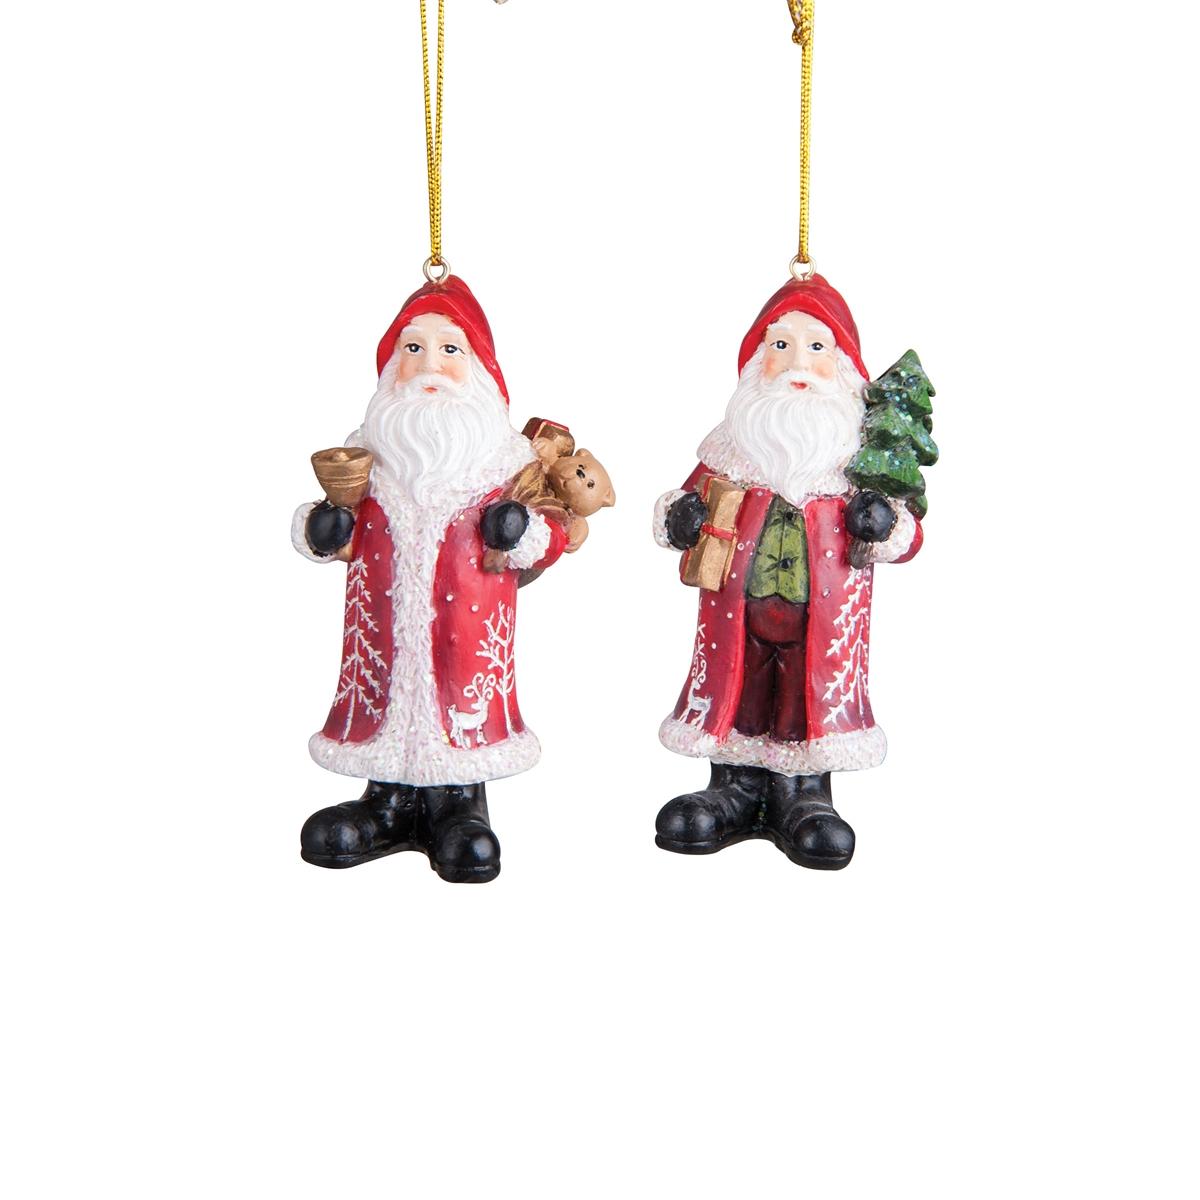 Nordic Santa Ornament A 2